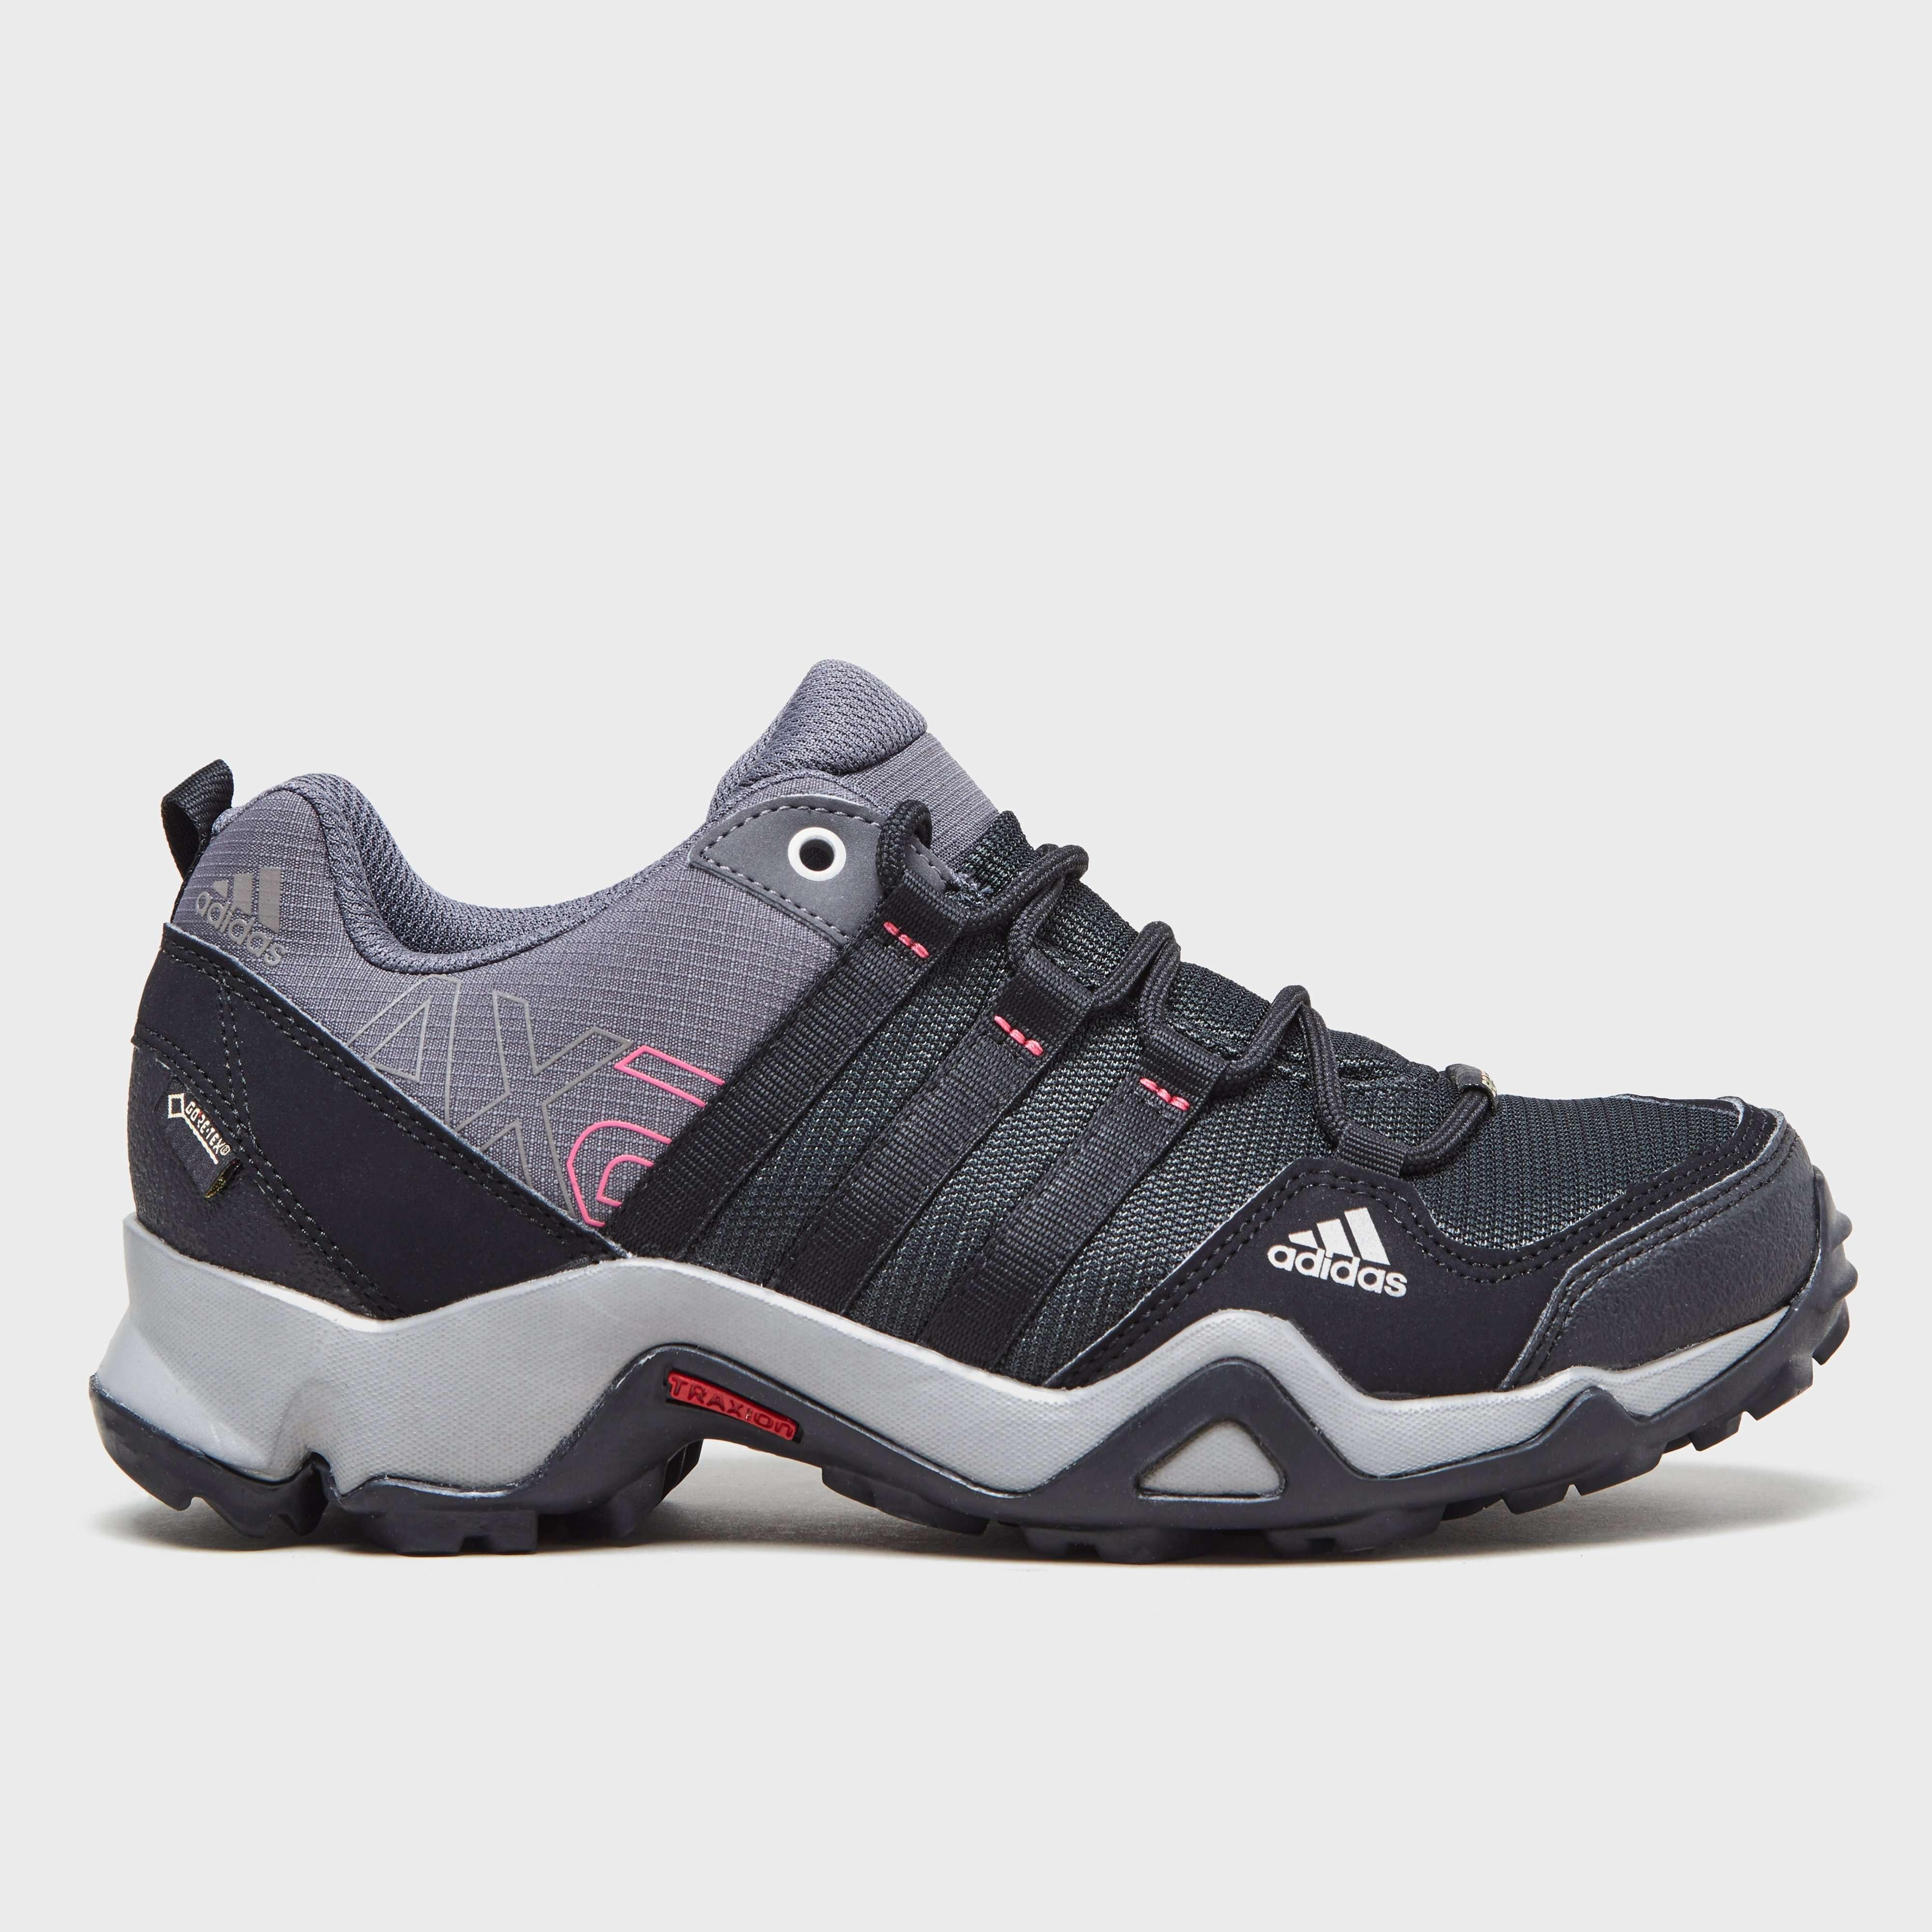 ADIDAS Women's AX2 GORE-TEX® Shoe